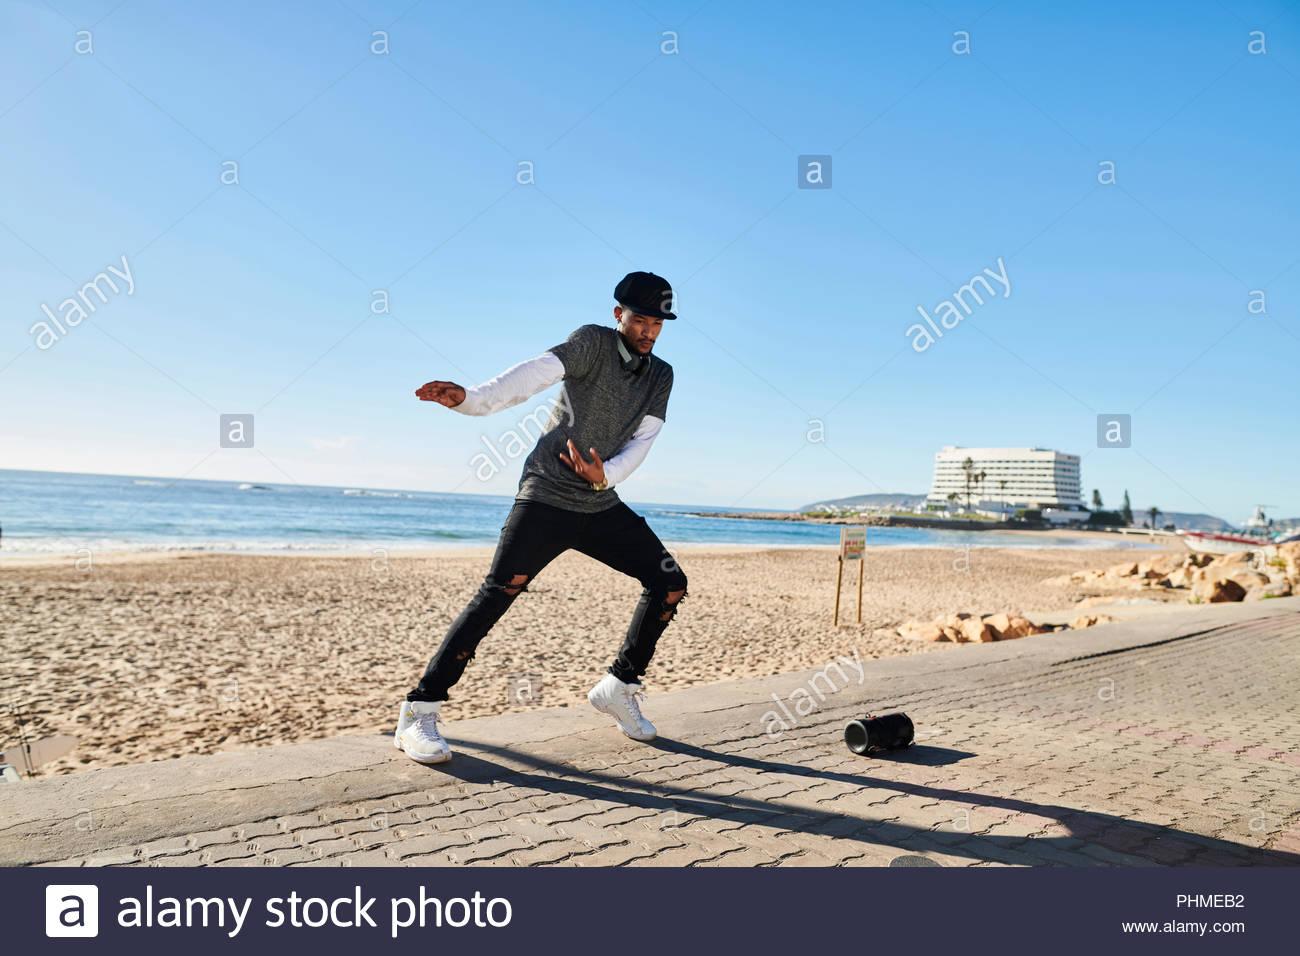 Junger Mann Breakdance von Beach Stockbild